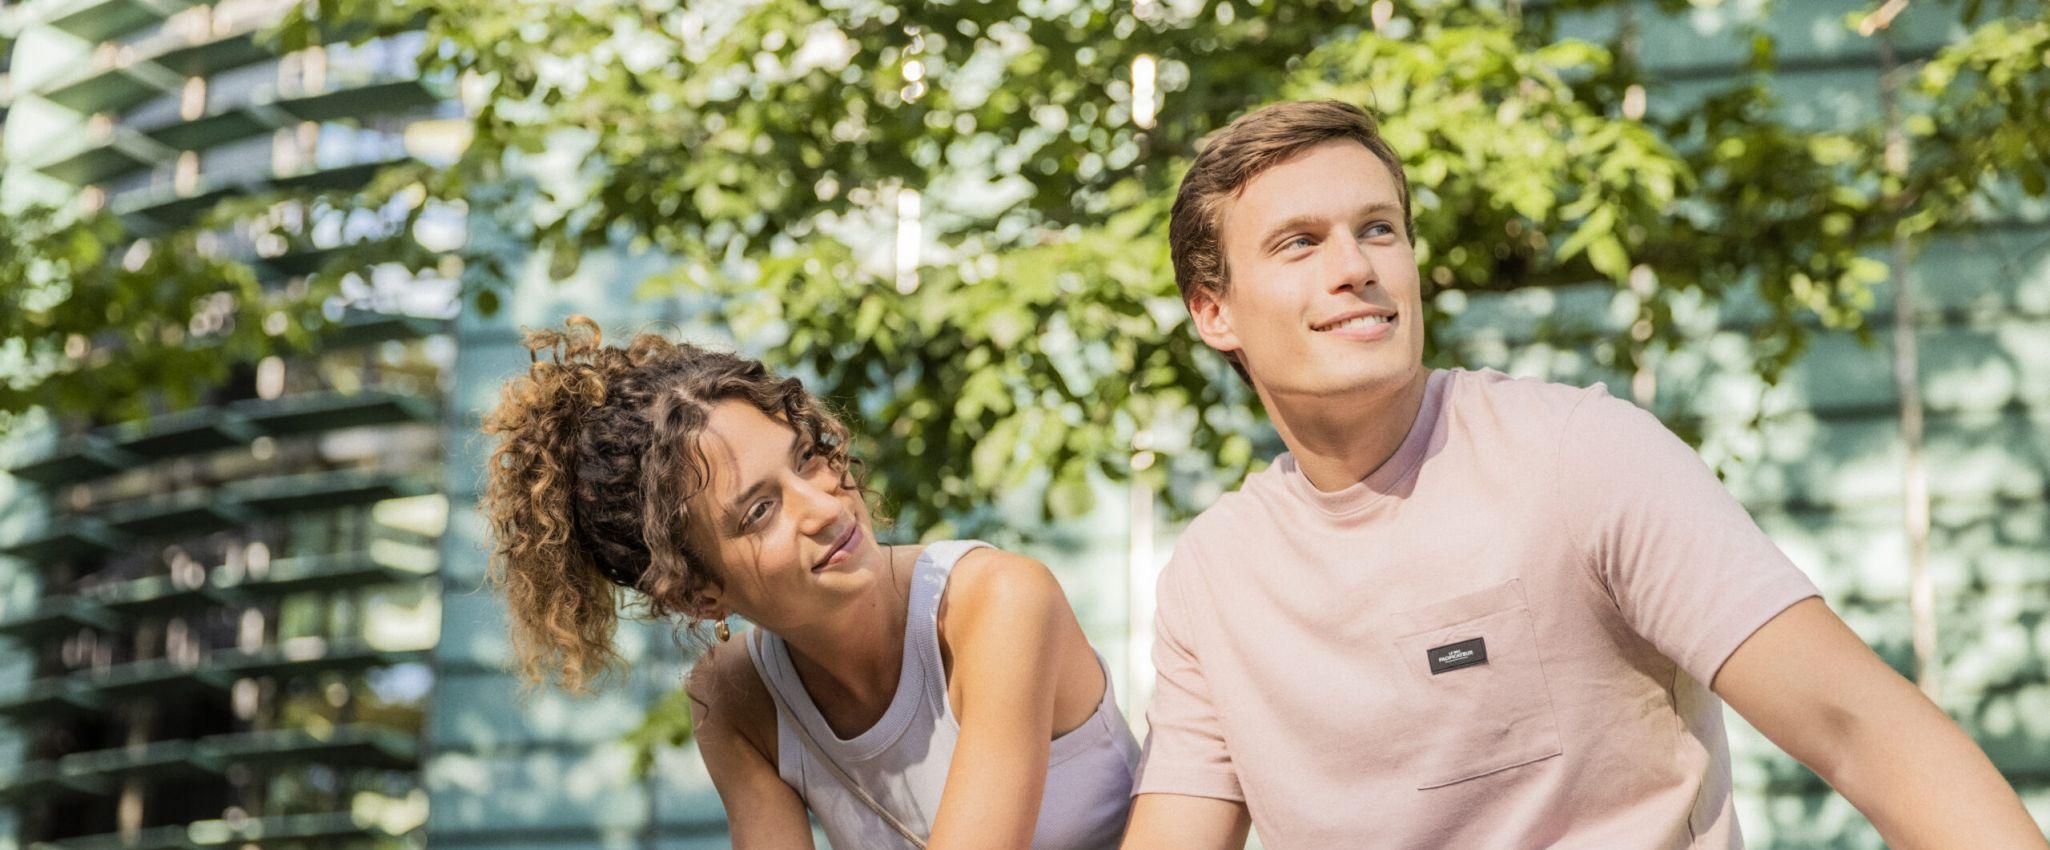 Junges Paar sitzt in der Stadt im Grünen